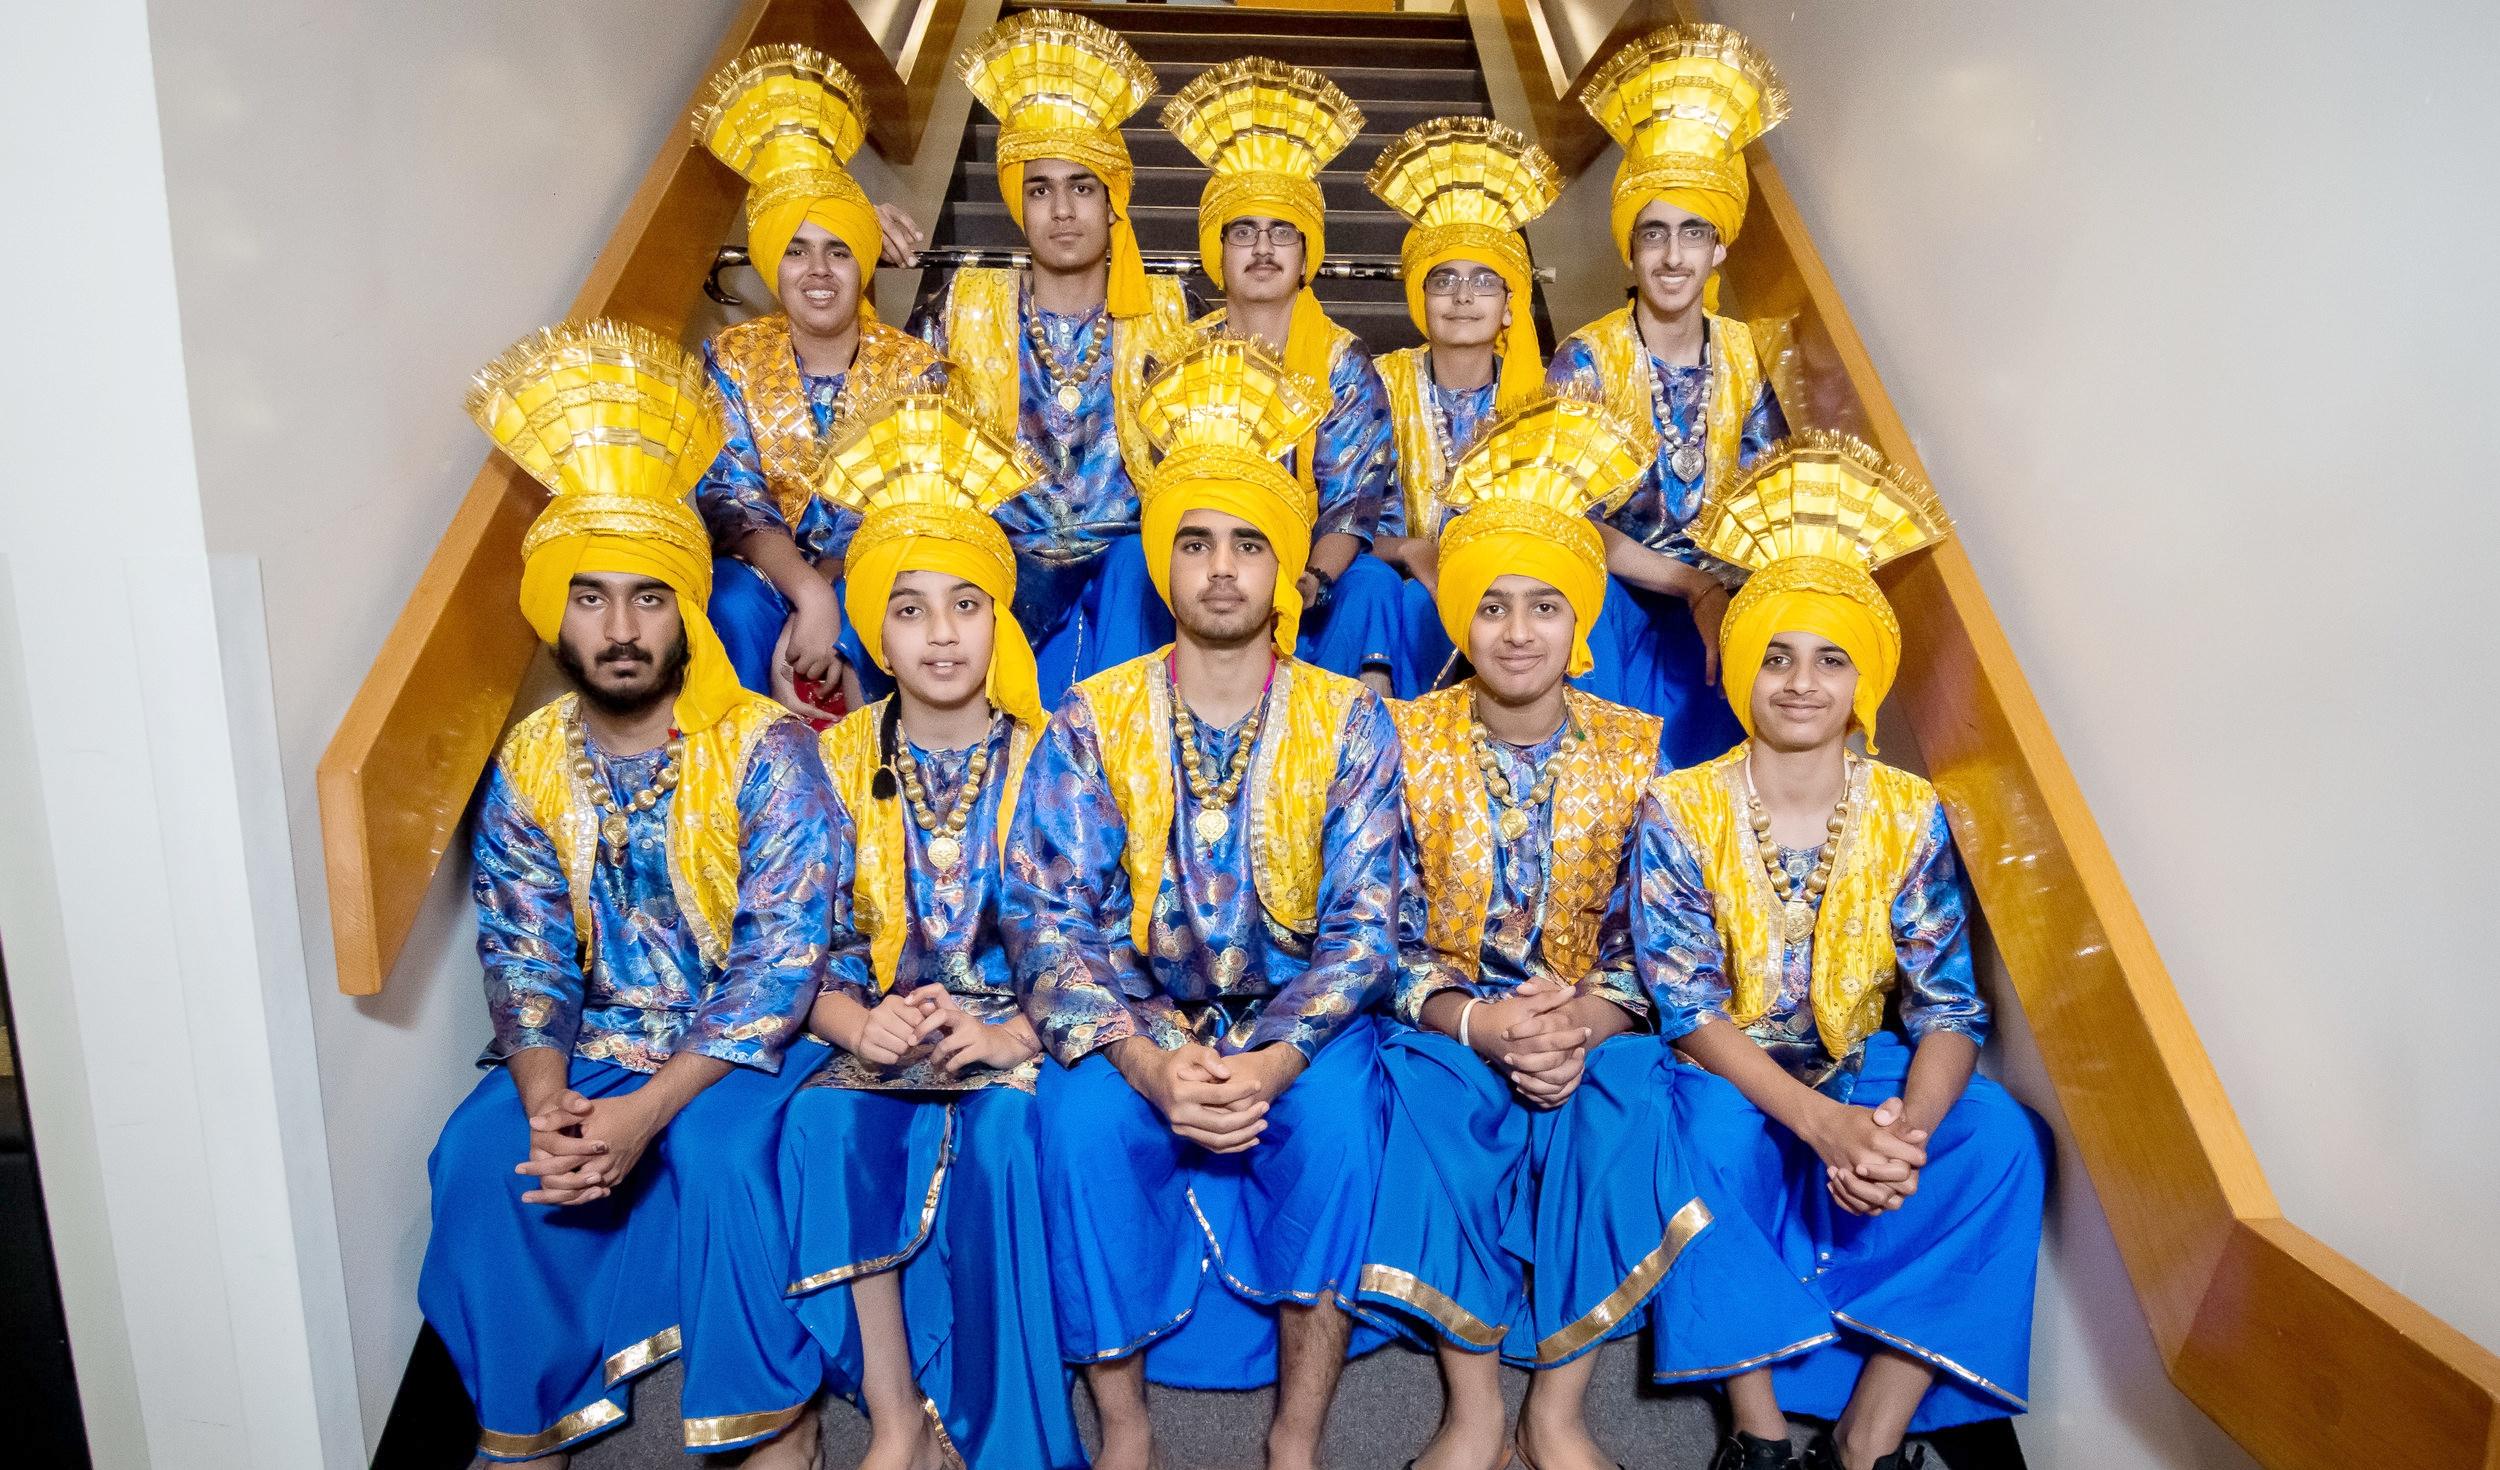 20170514 - Shan-e-Punjab Vaisakhi performance-0018.jpg